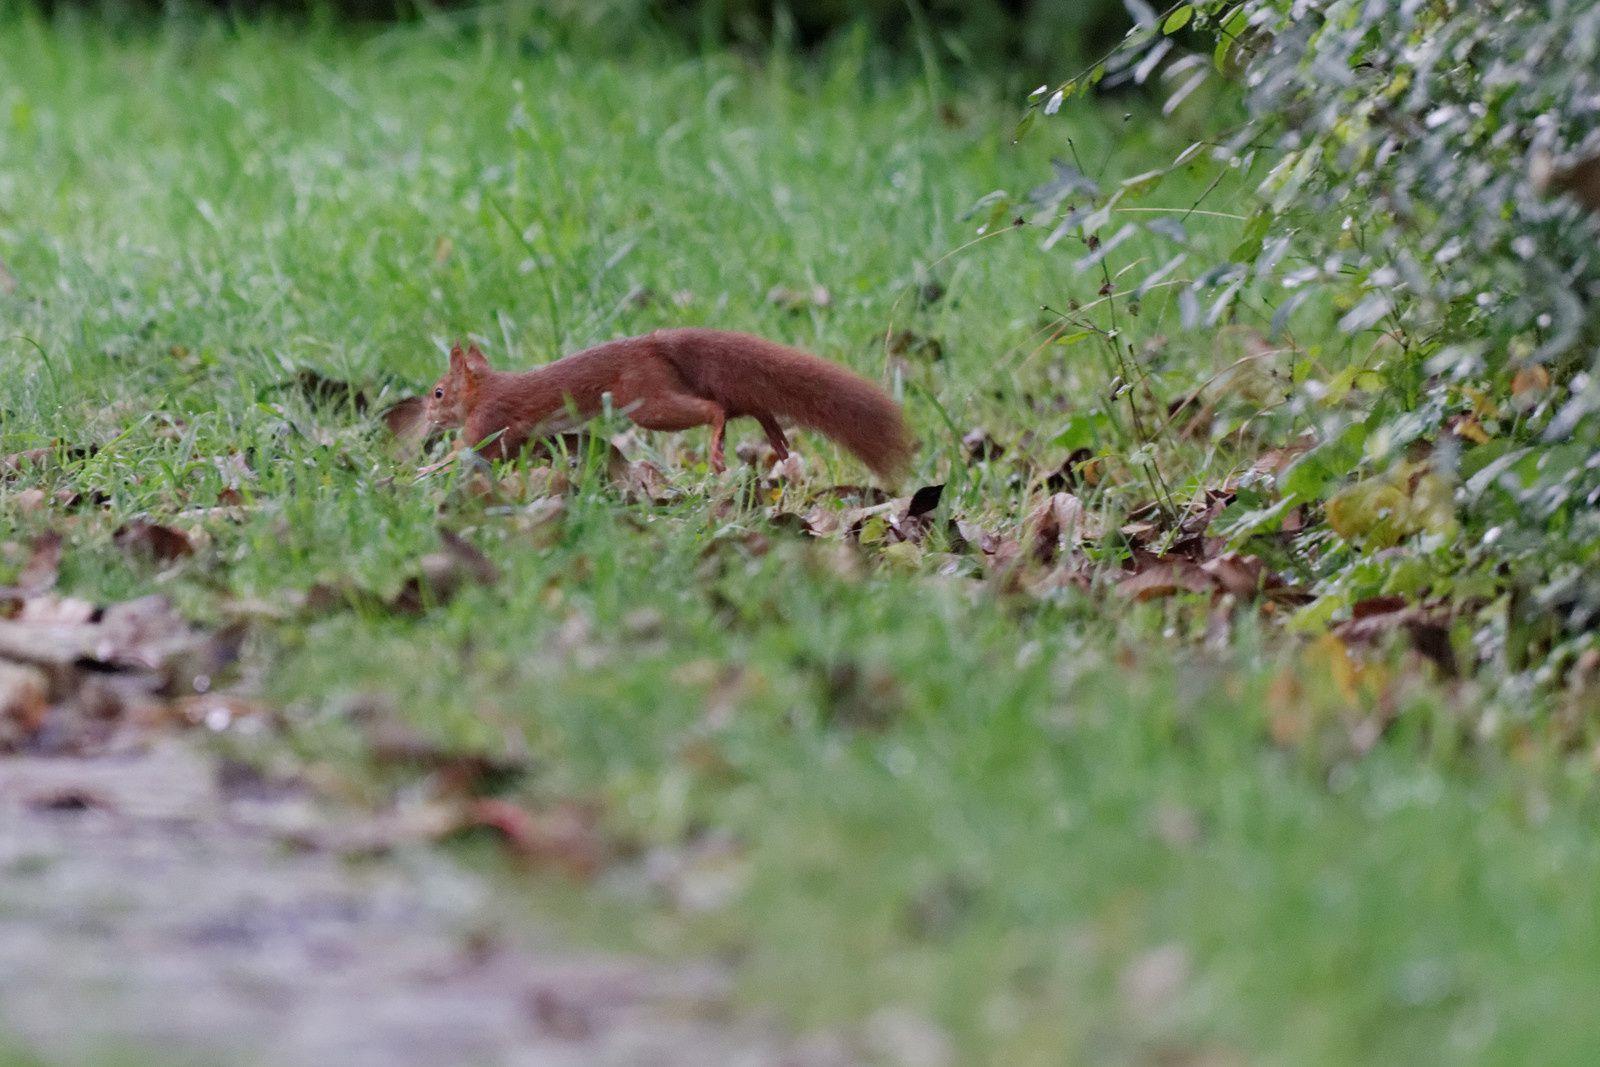 La courbure du dos laisse penser qu'il creuse un trou, une fois reparti la noix a disparu. Enterrée ou mangée ?